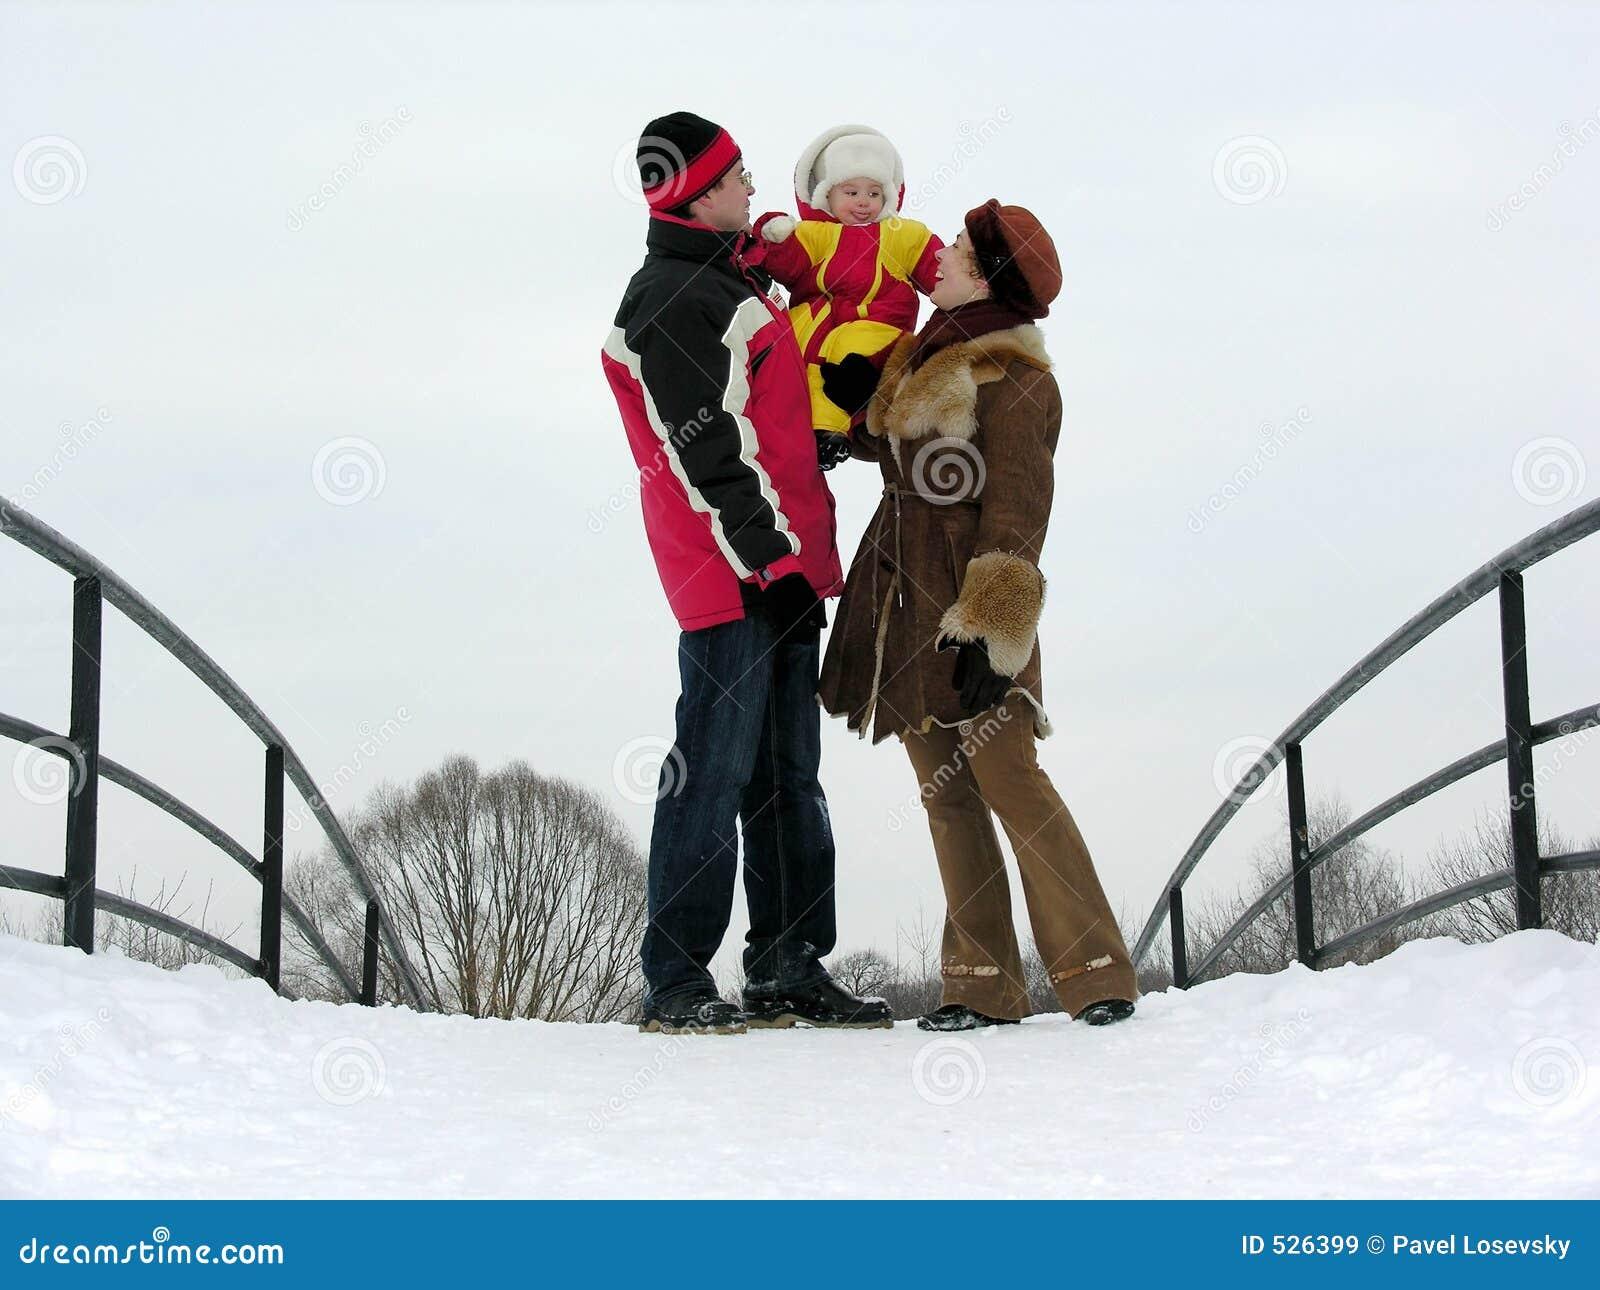 Download 婴孩系列 库存图片. 图片 包括有 敬慕, 享用, 乐趣, 文化, 多雪, 夫妇, 订婚, 藏品, 母亲, 父亲 - 526399